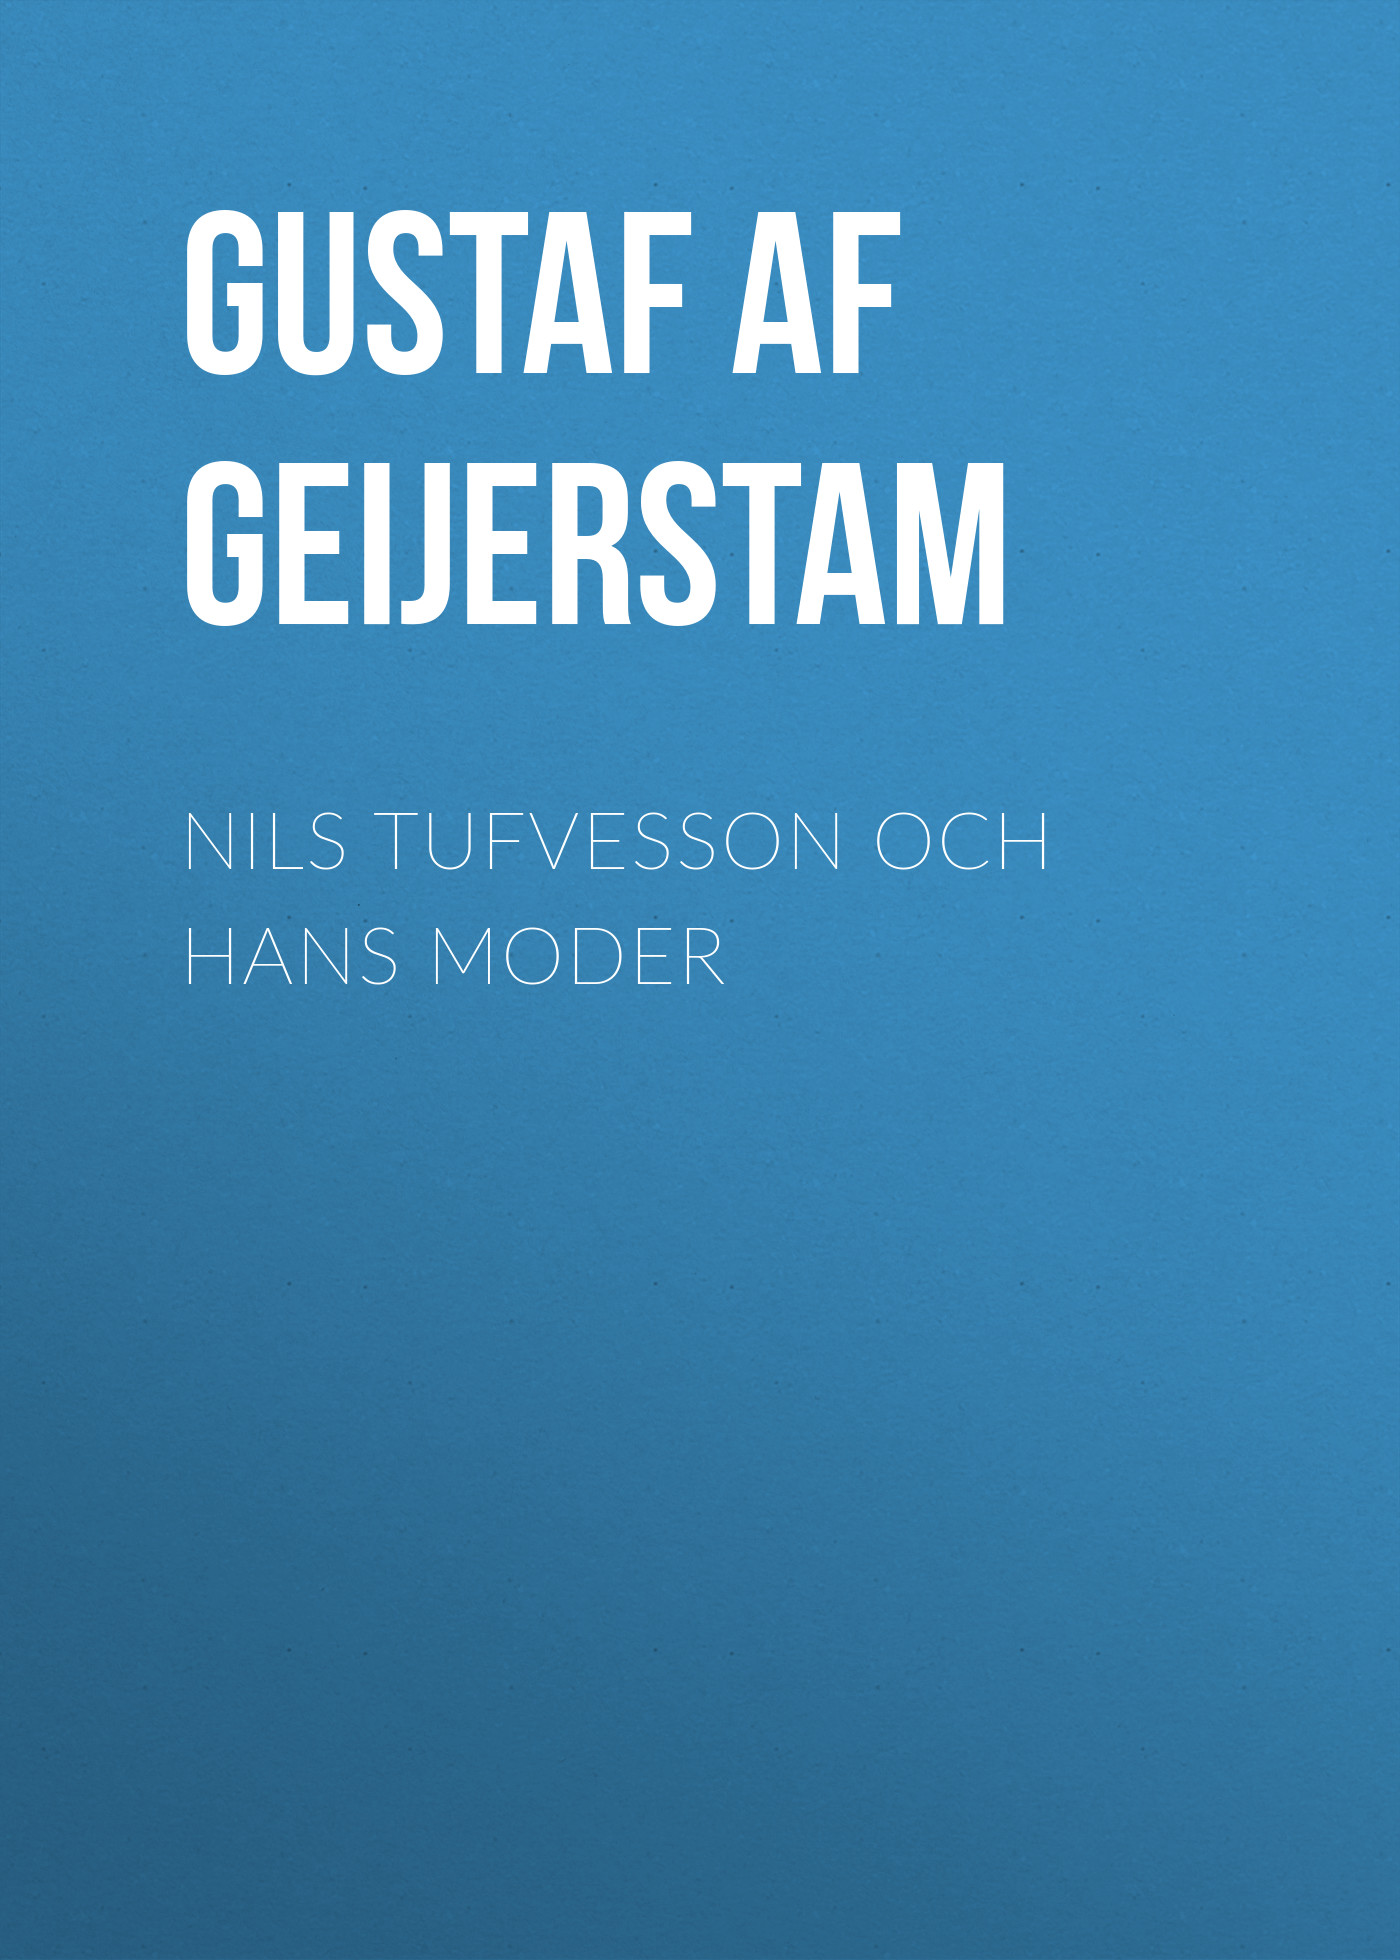 Gustaf af Geijerstam Nils Tufvesson och hans moder hans